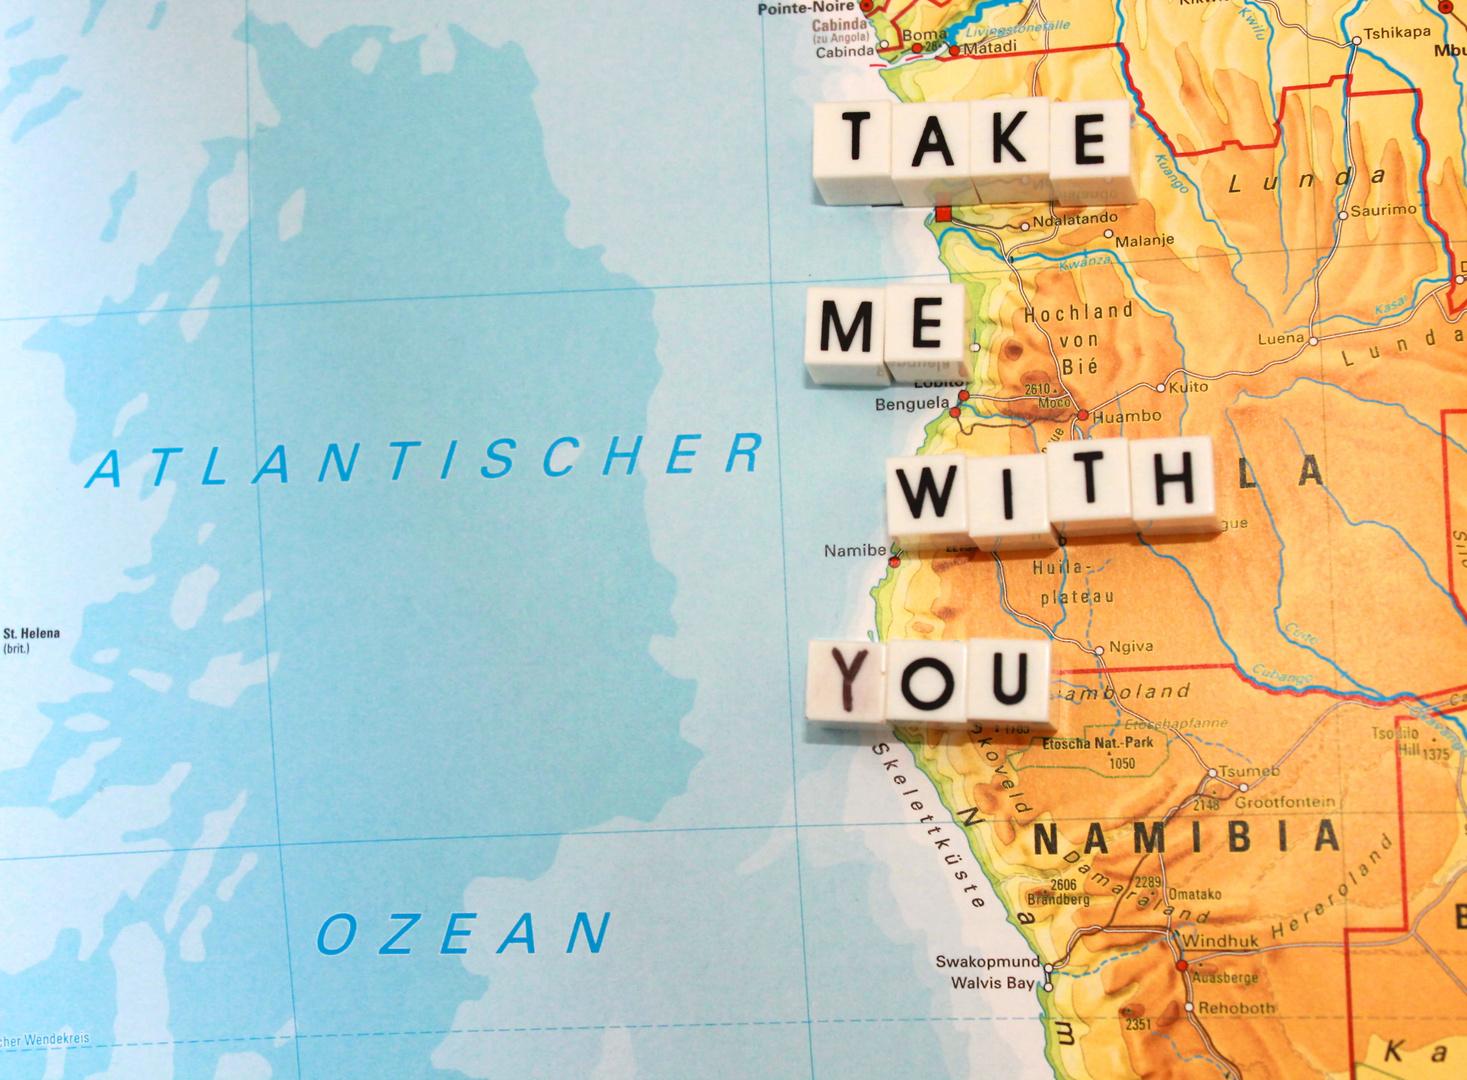 Nimm mich mit! Ich gehe mit dir an das Ende der Welt!